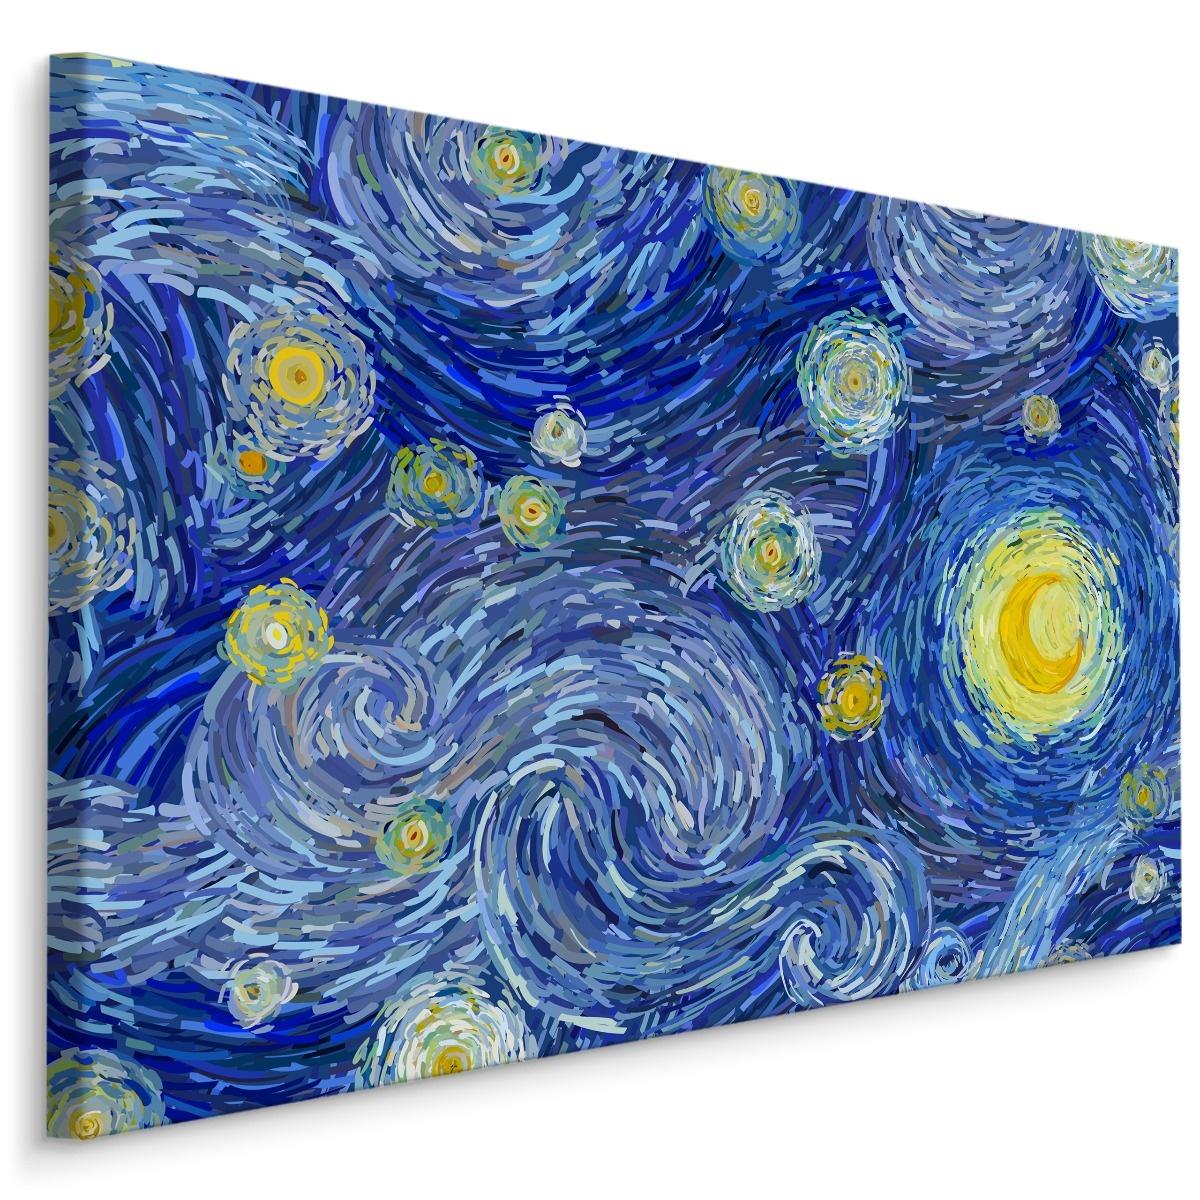 Schilderij - Sterrennacht in de style van Vincent van Gogh, blauw/geel, 4 maten, print op canvas